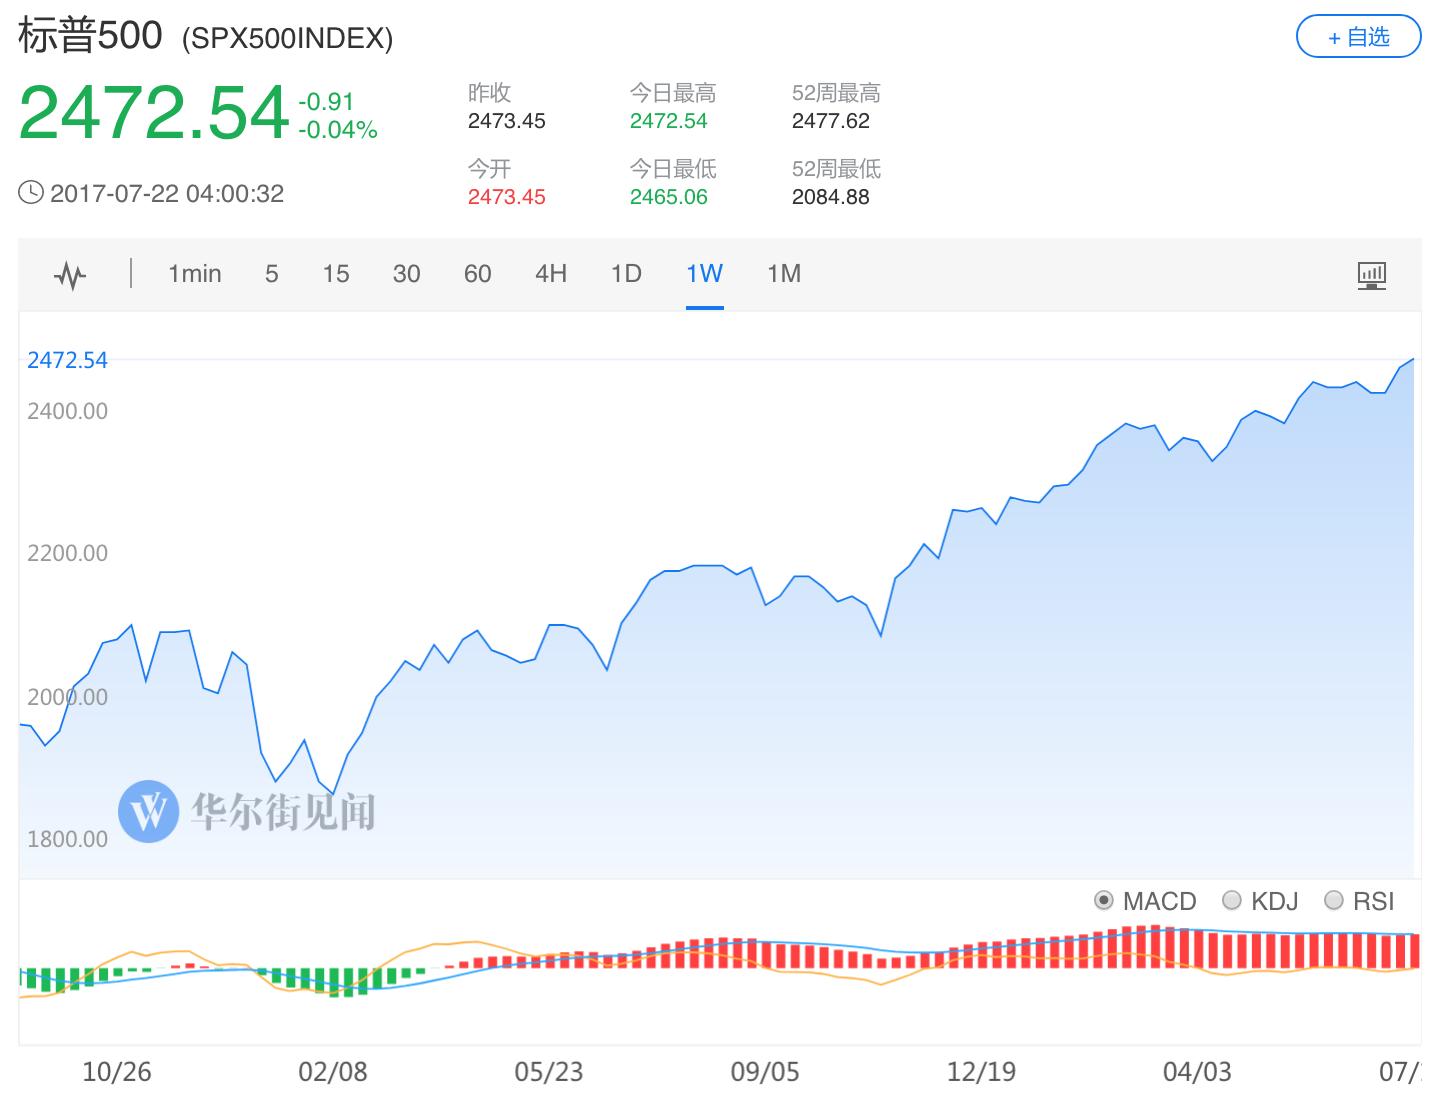 投资者对美股的热情削减的最新迹象体现在:全球最大美股ETF基金 SPDR标普500基金在7月已经出现了38亿美元的资金流出。这使得该基金连续四个月出现净流出,资金净流出时间为2009年美股牛市以来最长。